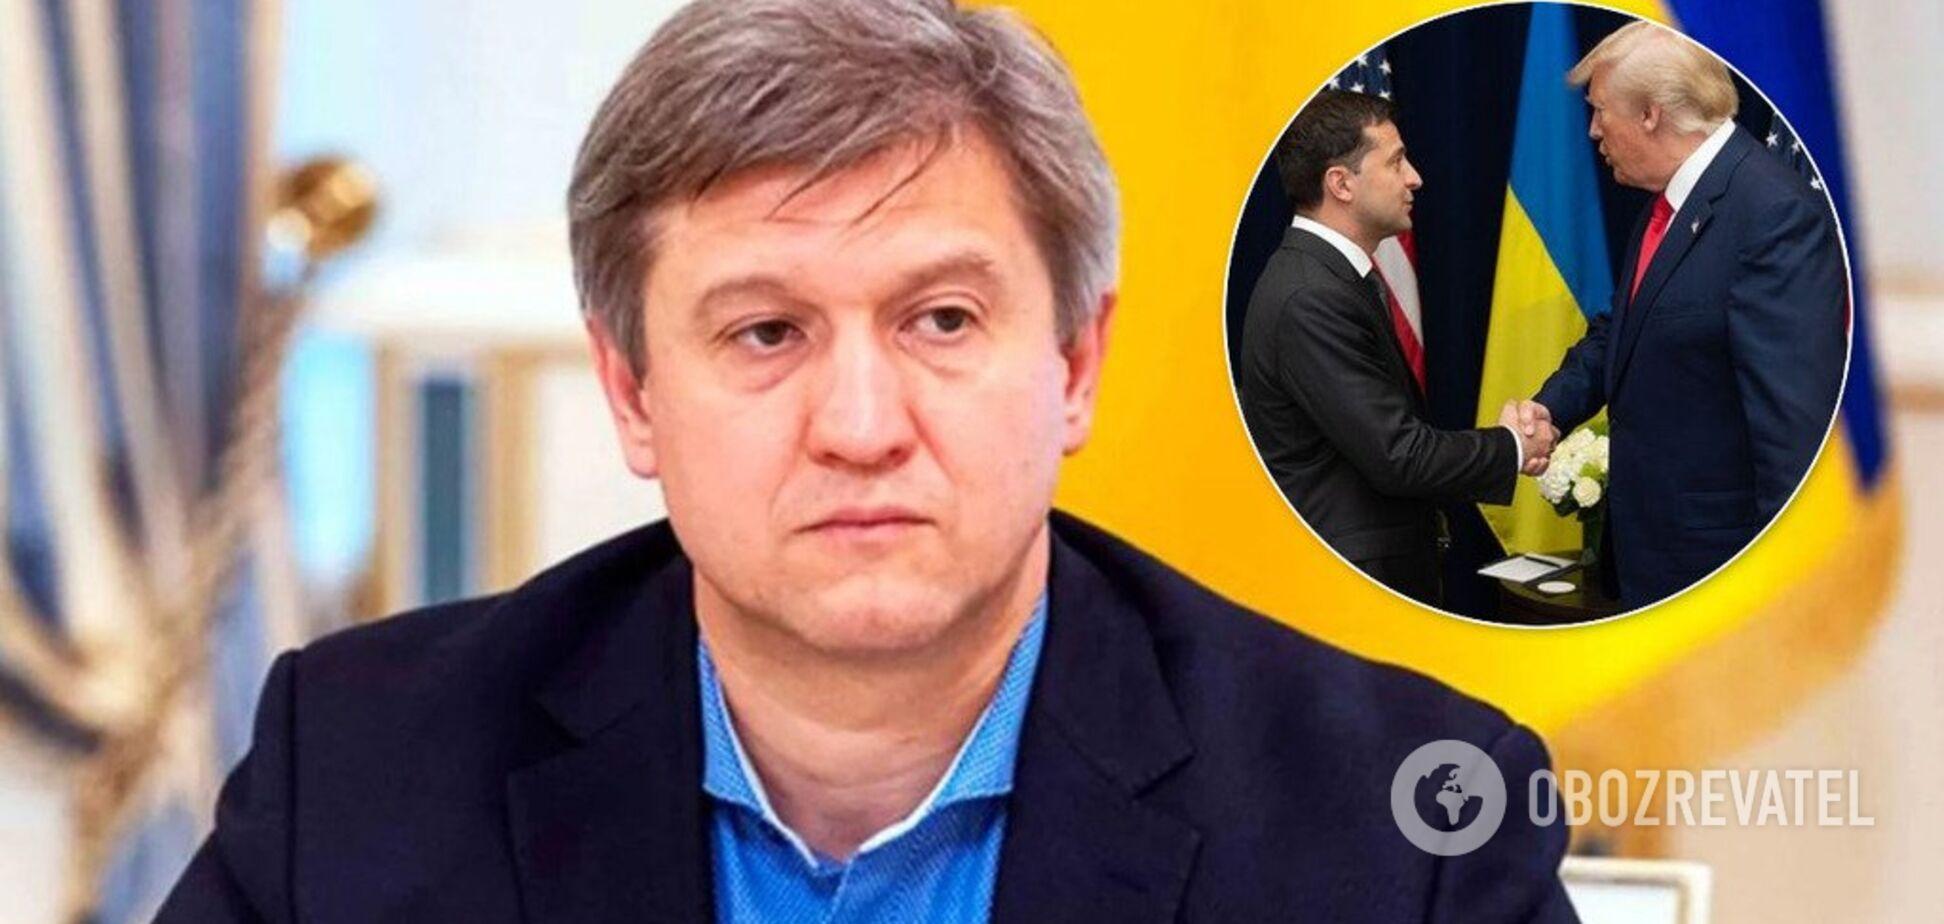 'Команду Зеленского охватила паника!' Данилюк рассказал, как Трамп сорвал переговоры США и Украины